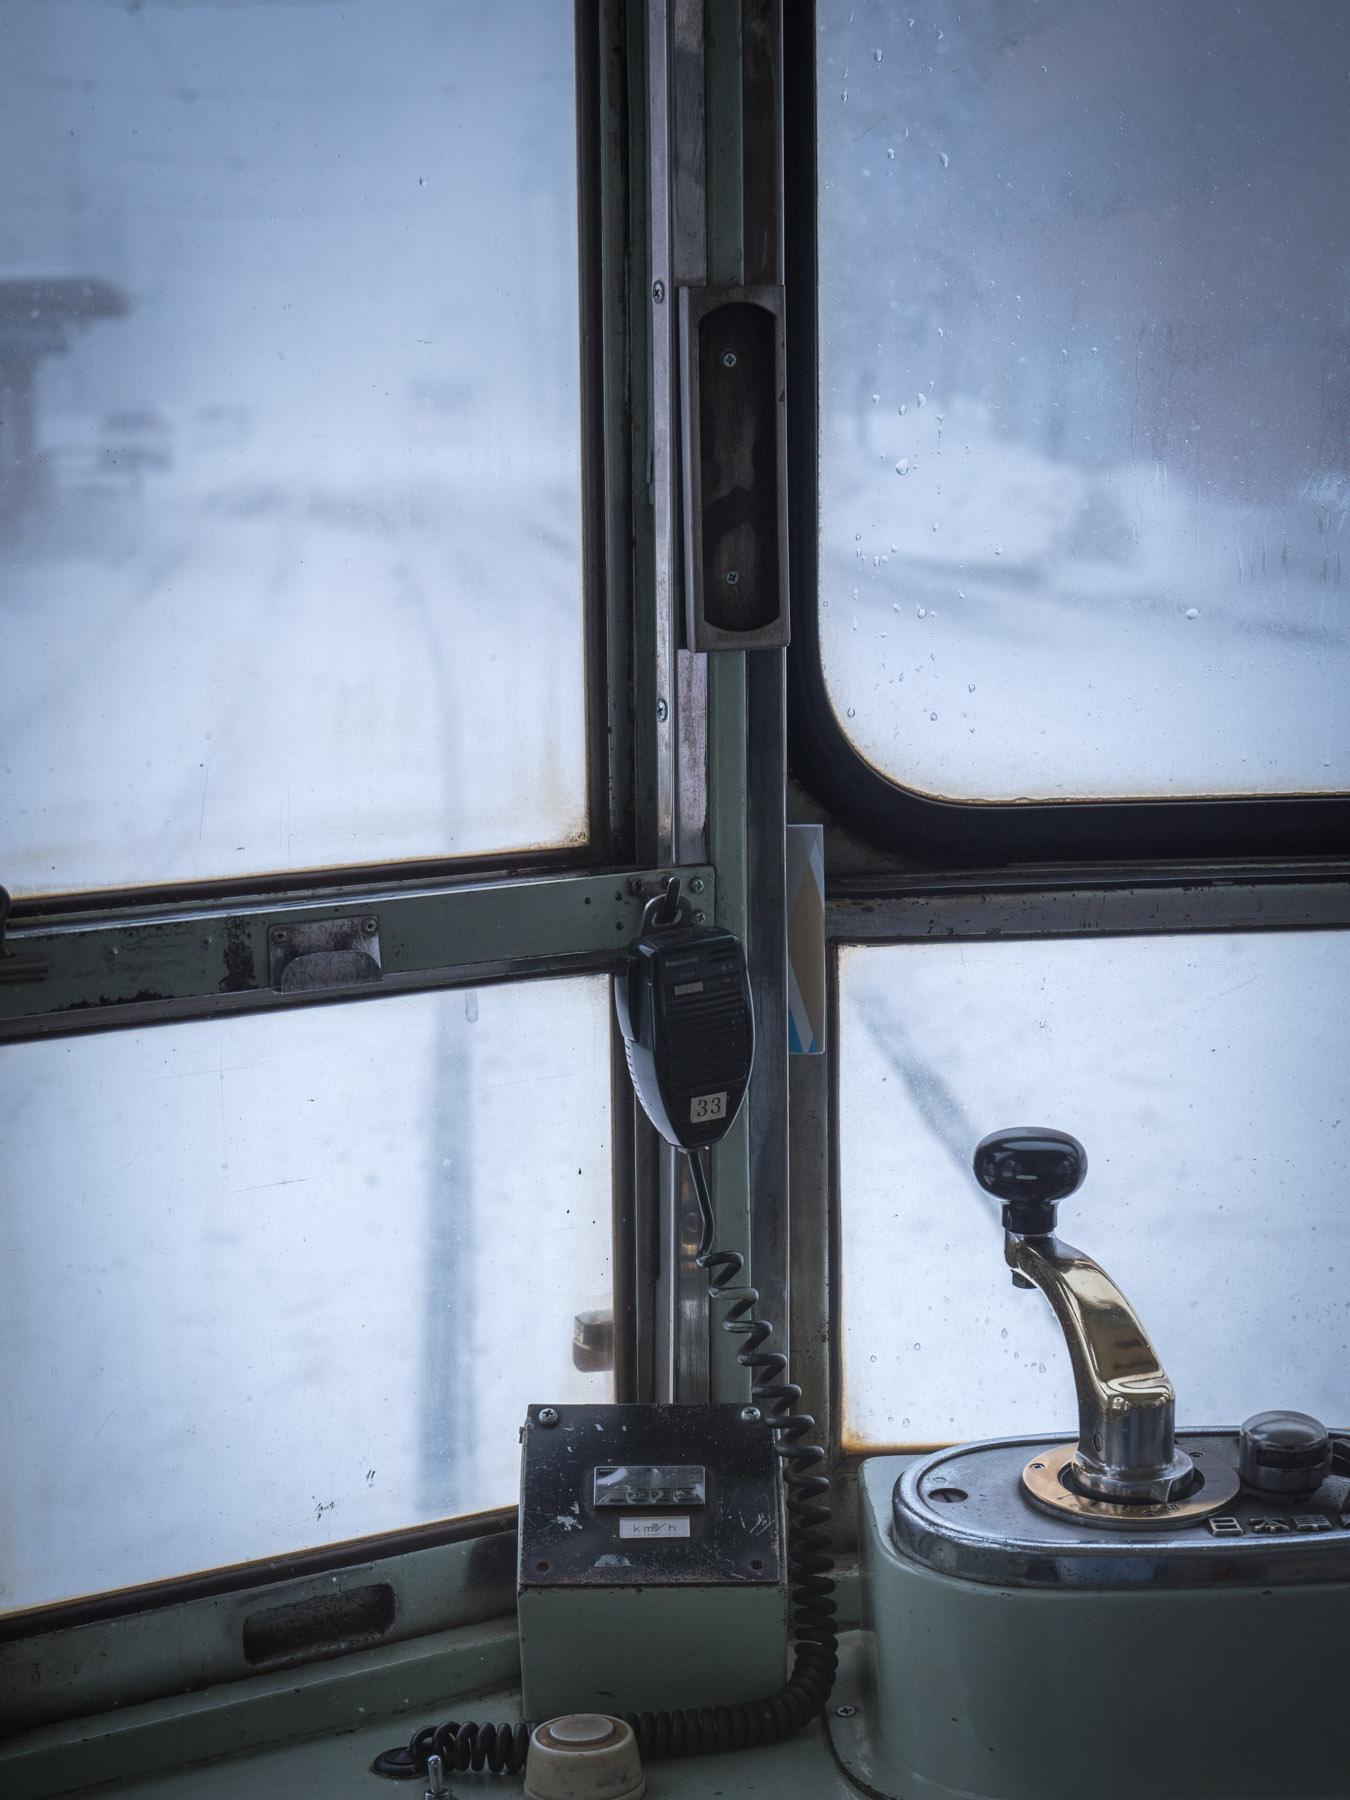 函館市電700形の運転台越しの冬